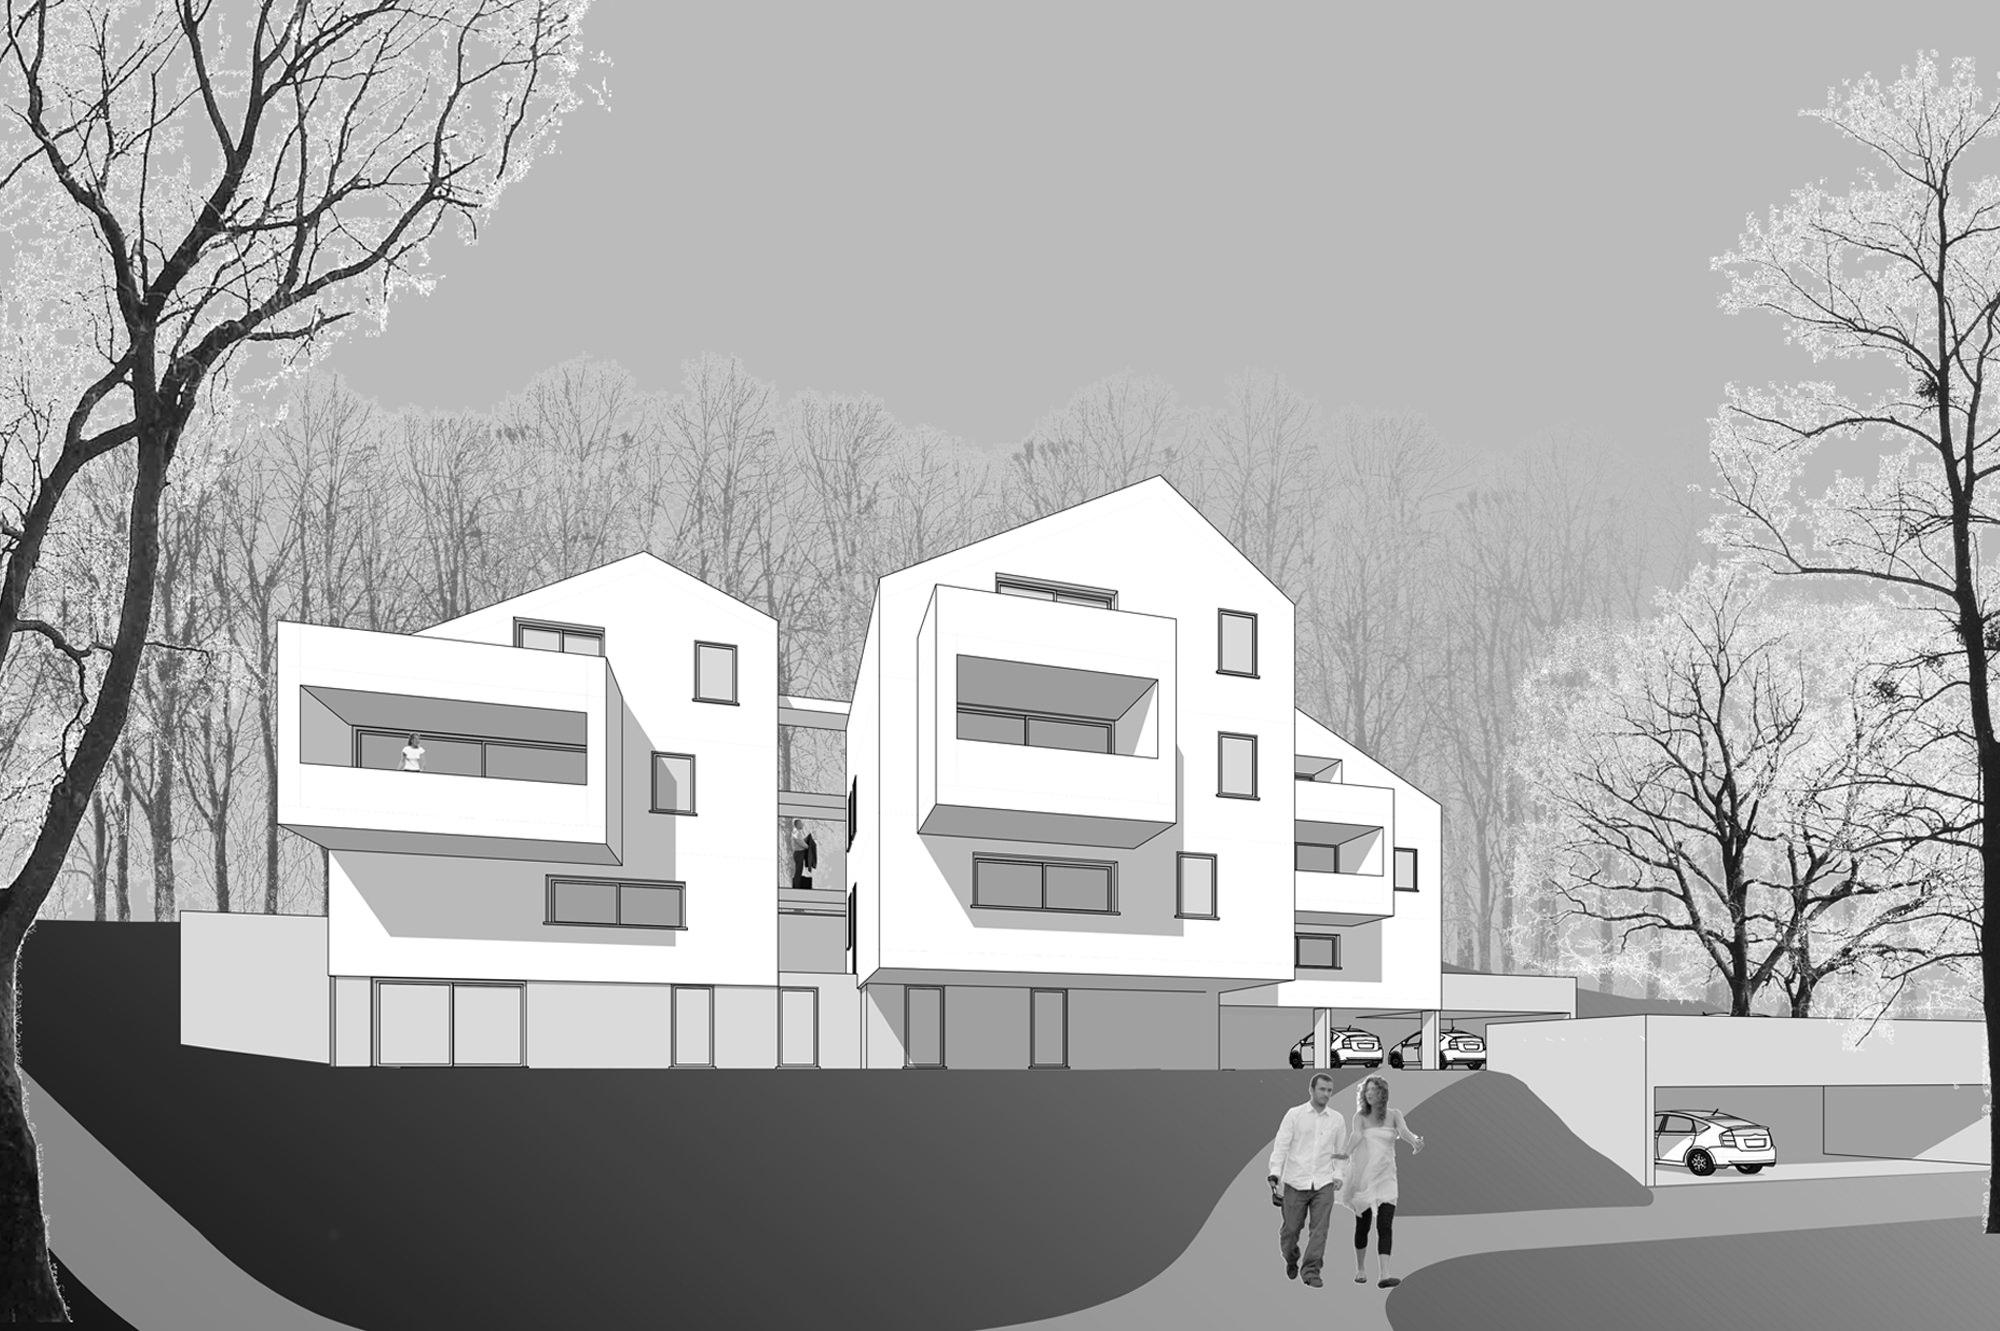 keutschach 01 wettbewerb  junger beer architektur